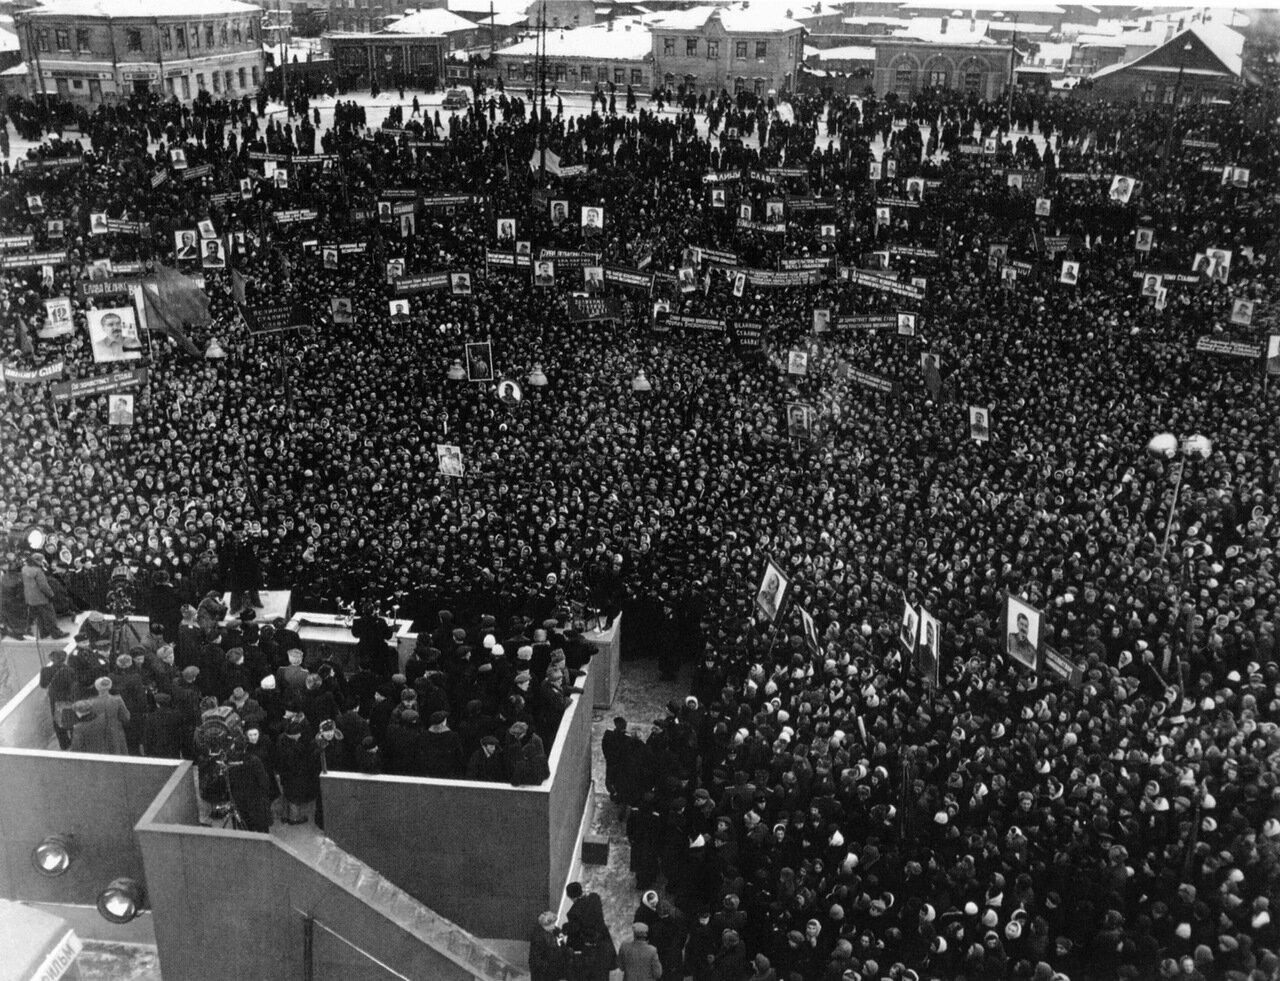 1950. Выборы Иосифа Сталина в Верховный Совет СССР. Митинг в Москве